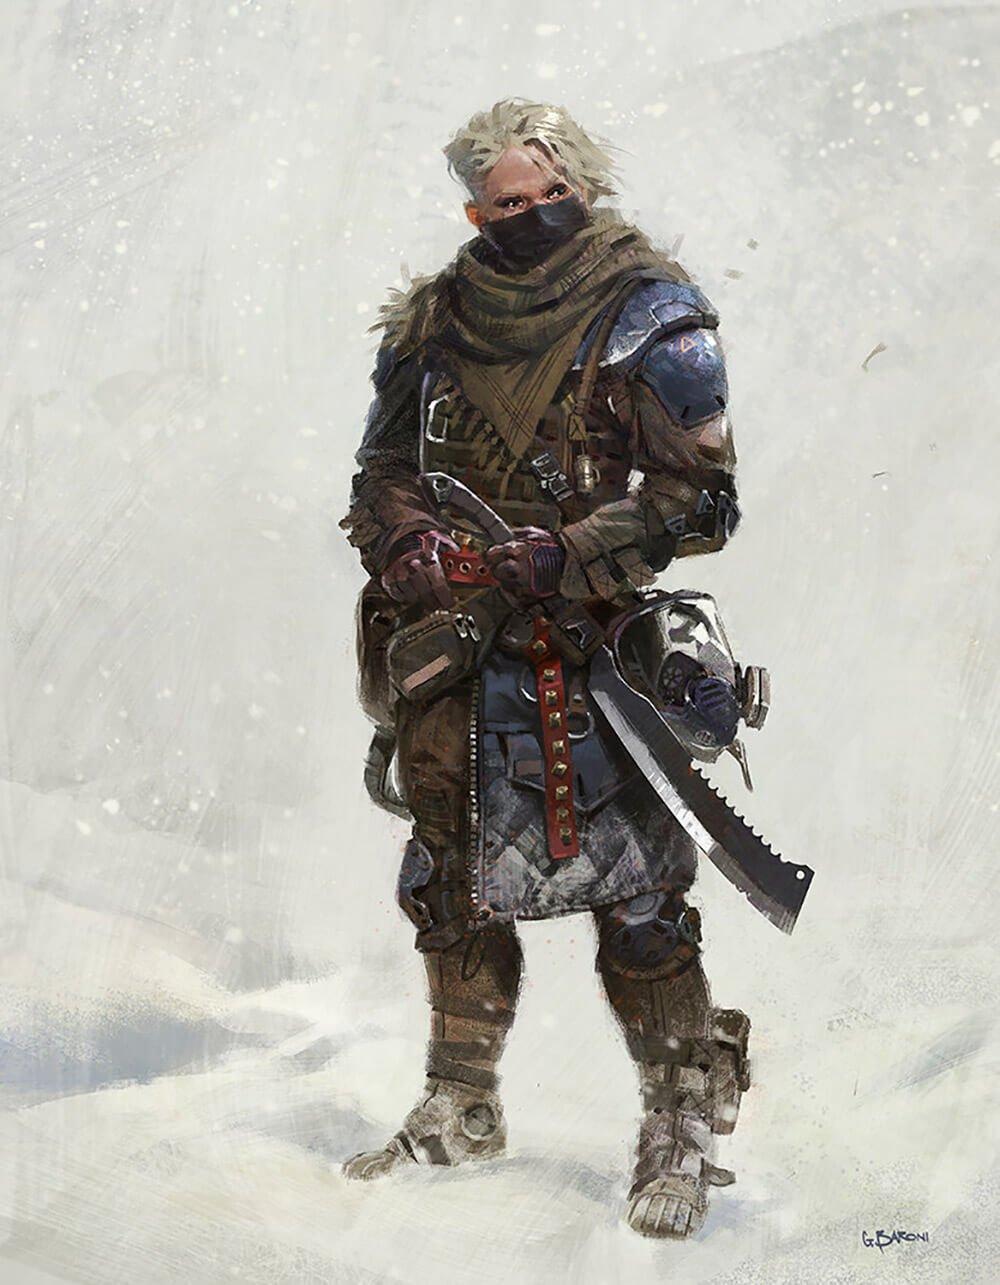 Brienne of Tarth by Giorgio Baroni